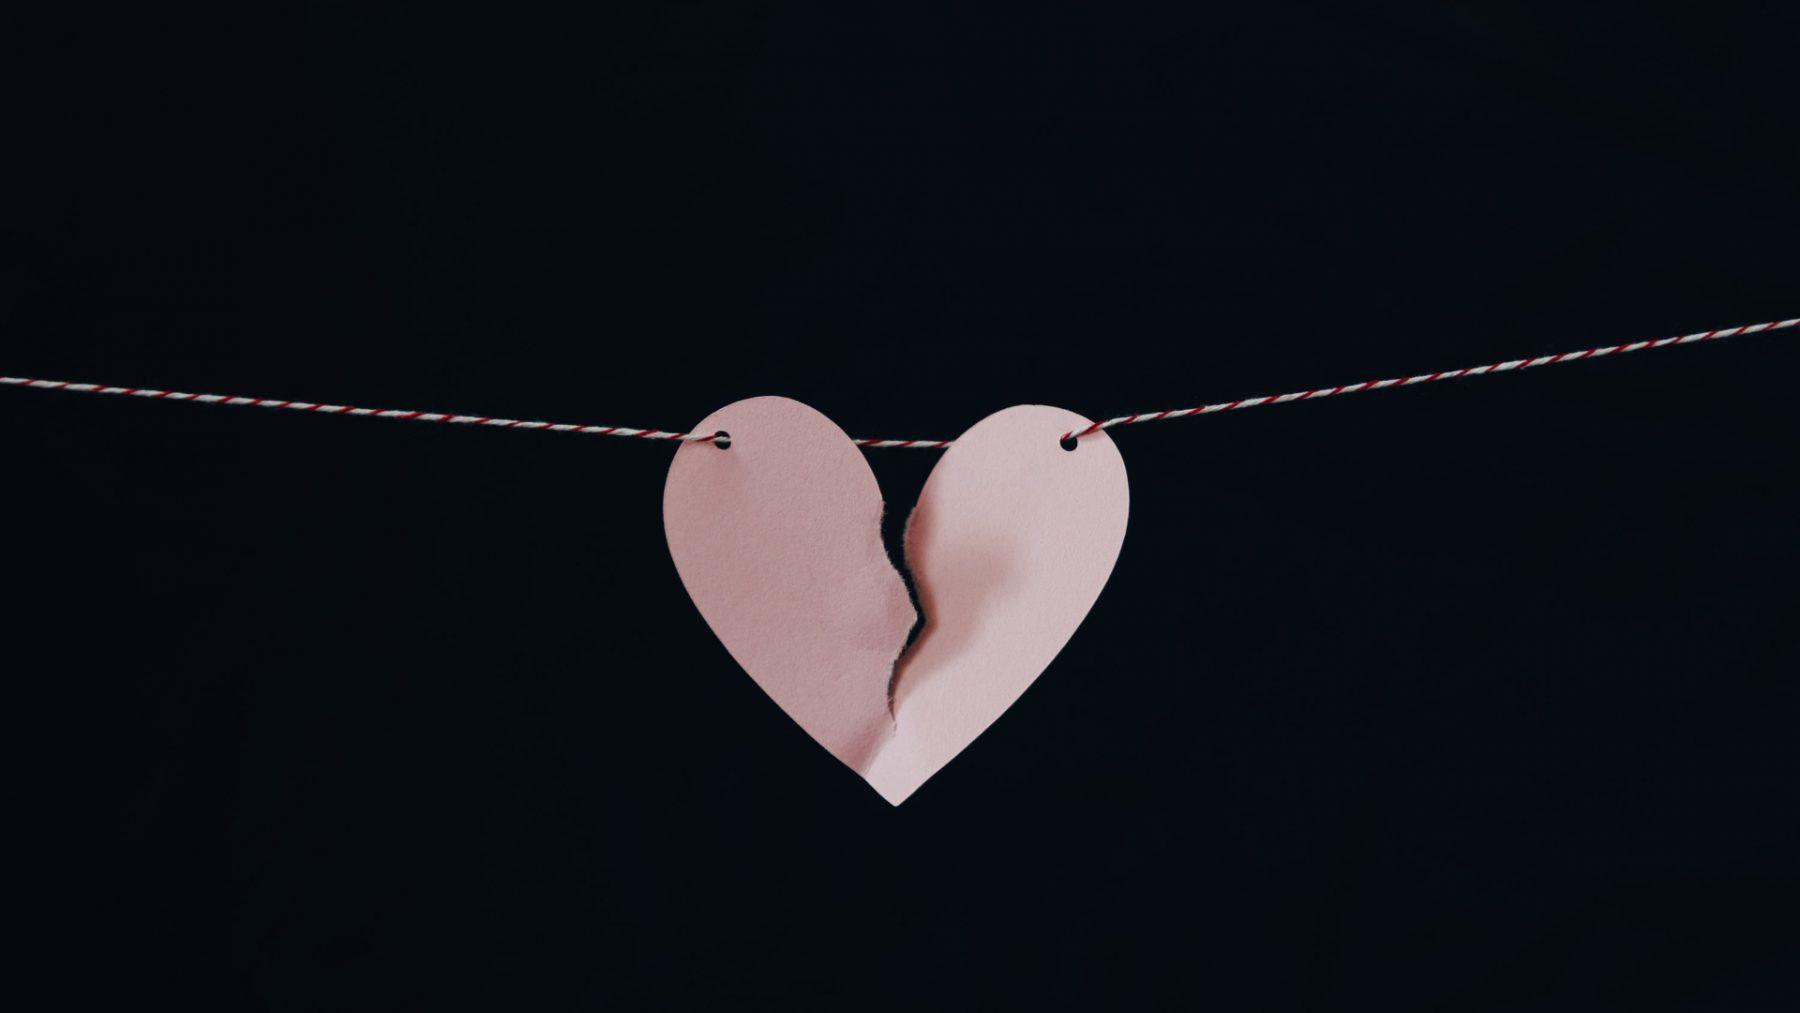 Waarom mediation bij scheidingen vaak werkt: 'Je voorkomt zoveel ellende'